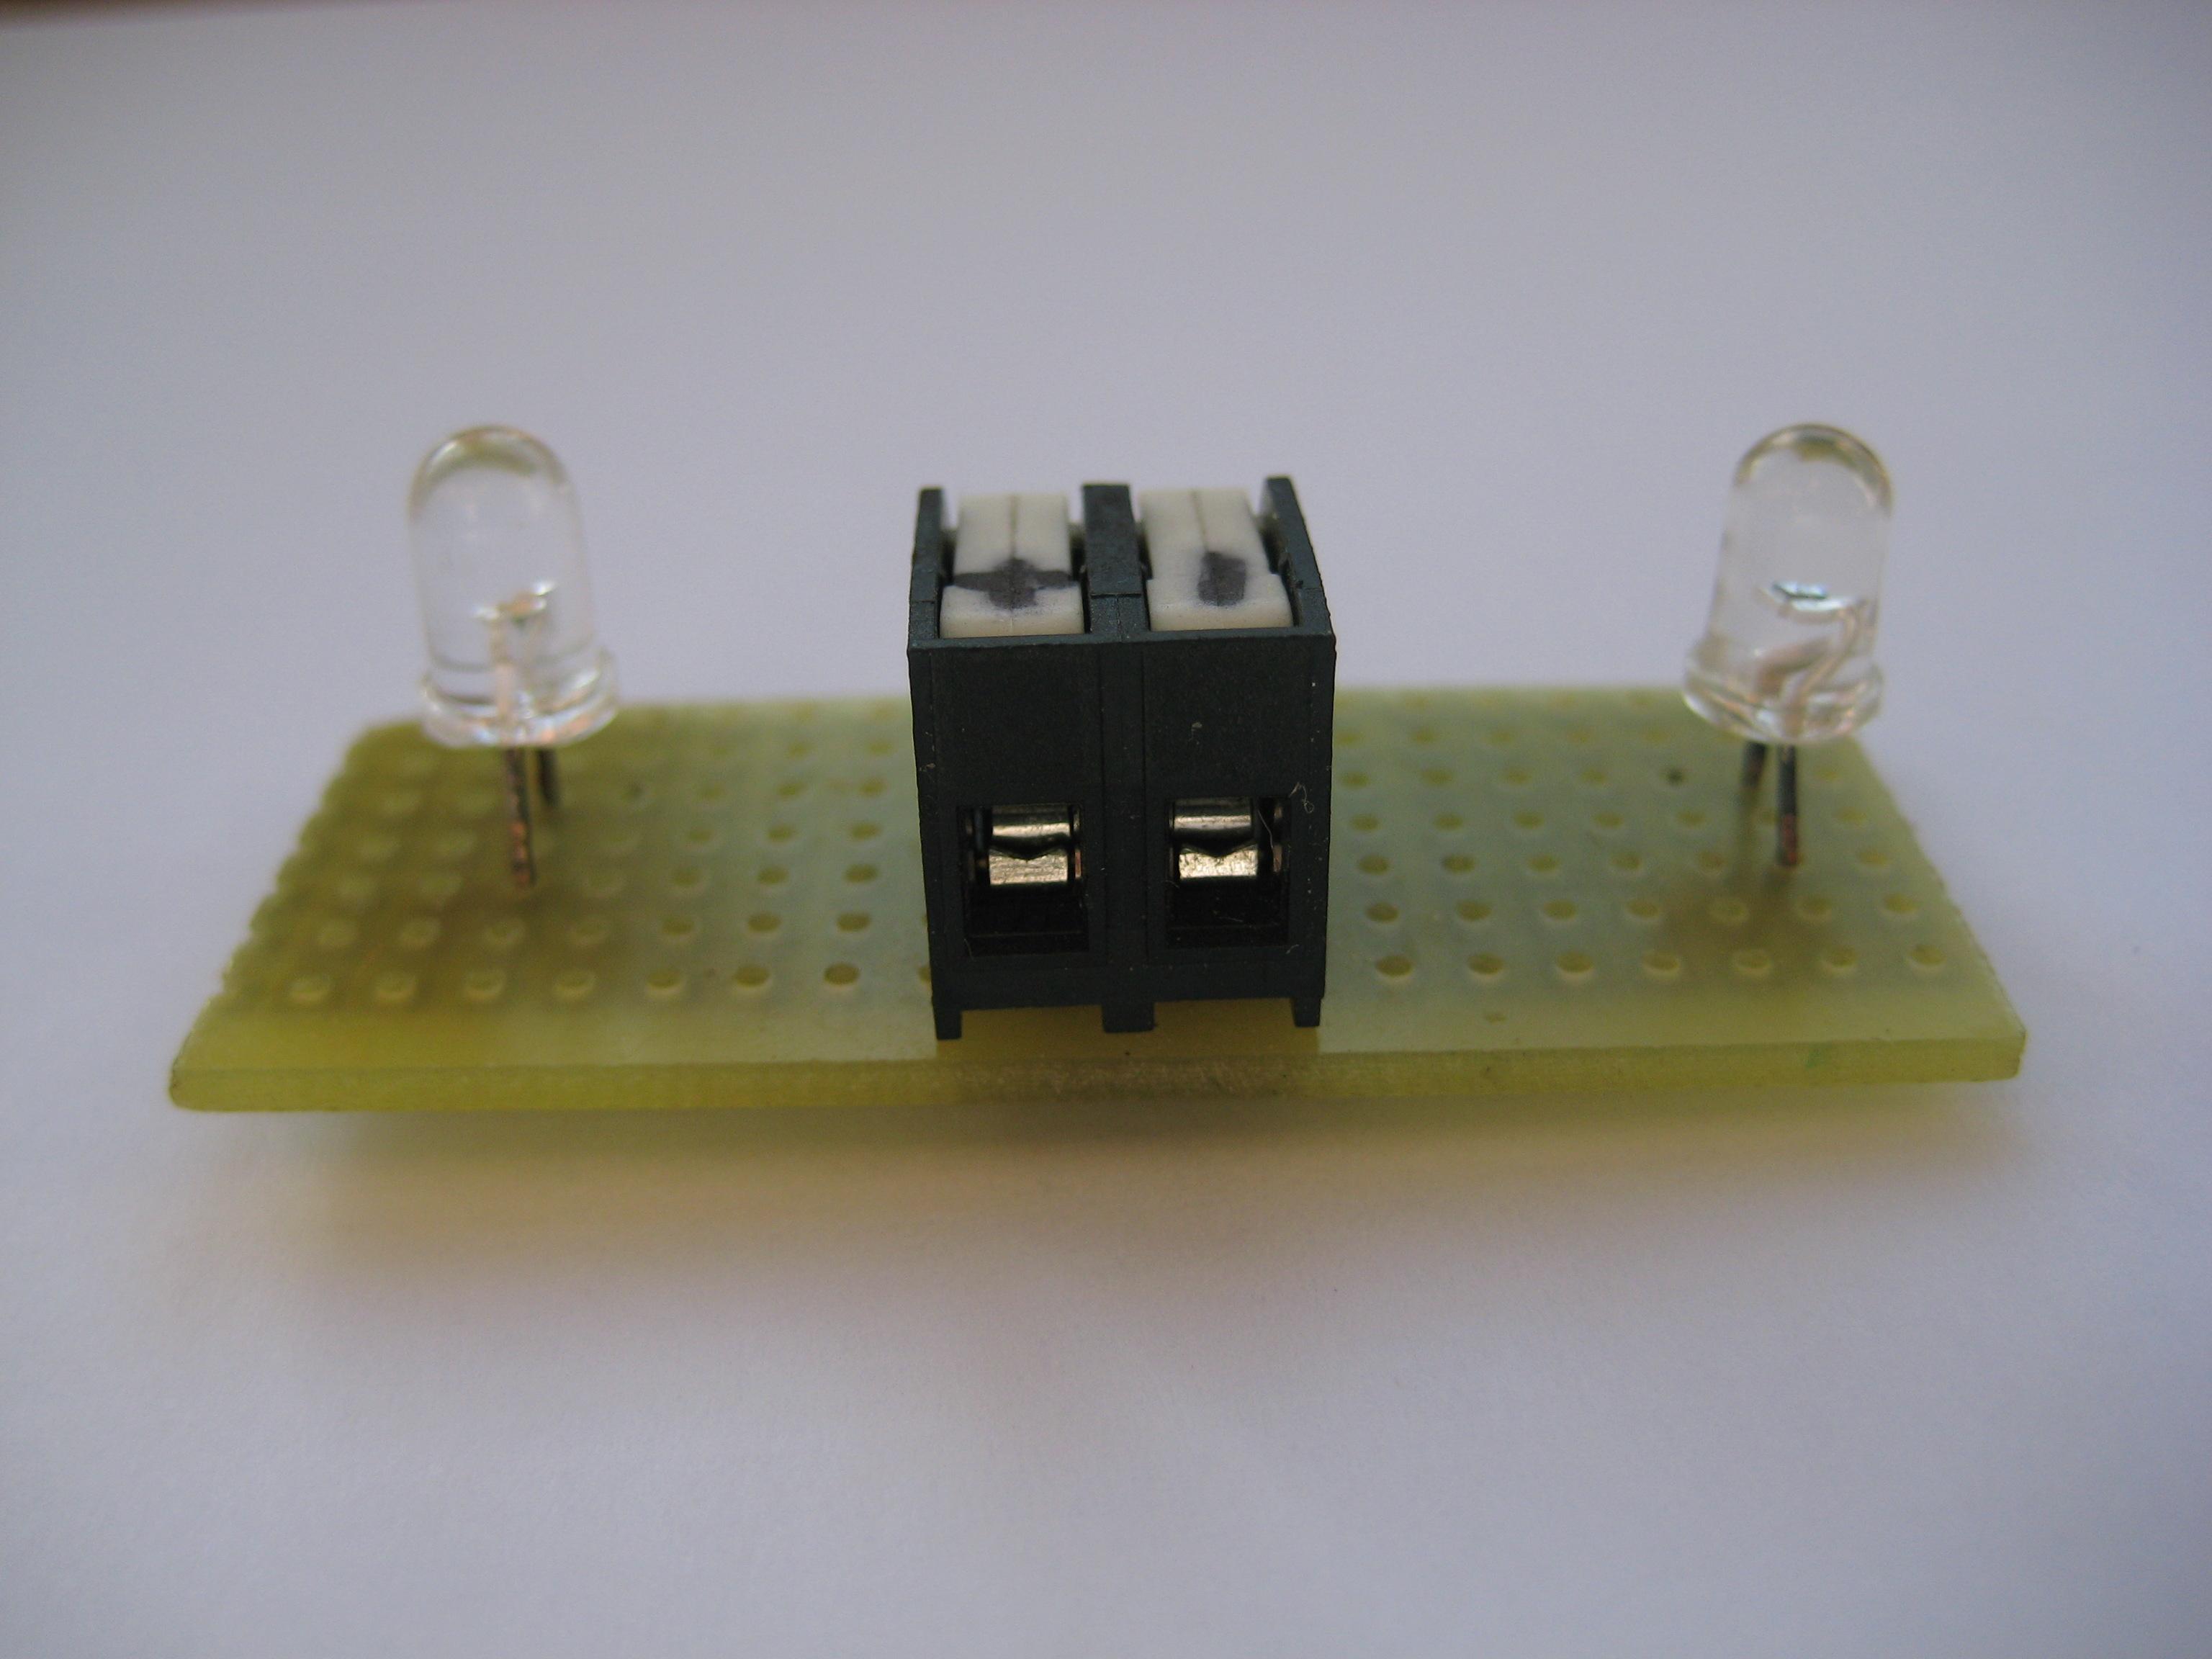 Circuito básico en el que un led está conectado con un fototransistor. La luminosidad del LEDserá proporcional a la luz incidente en el fototransistor. Puede imaginarse una matriz de […]